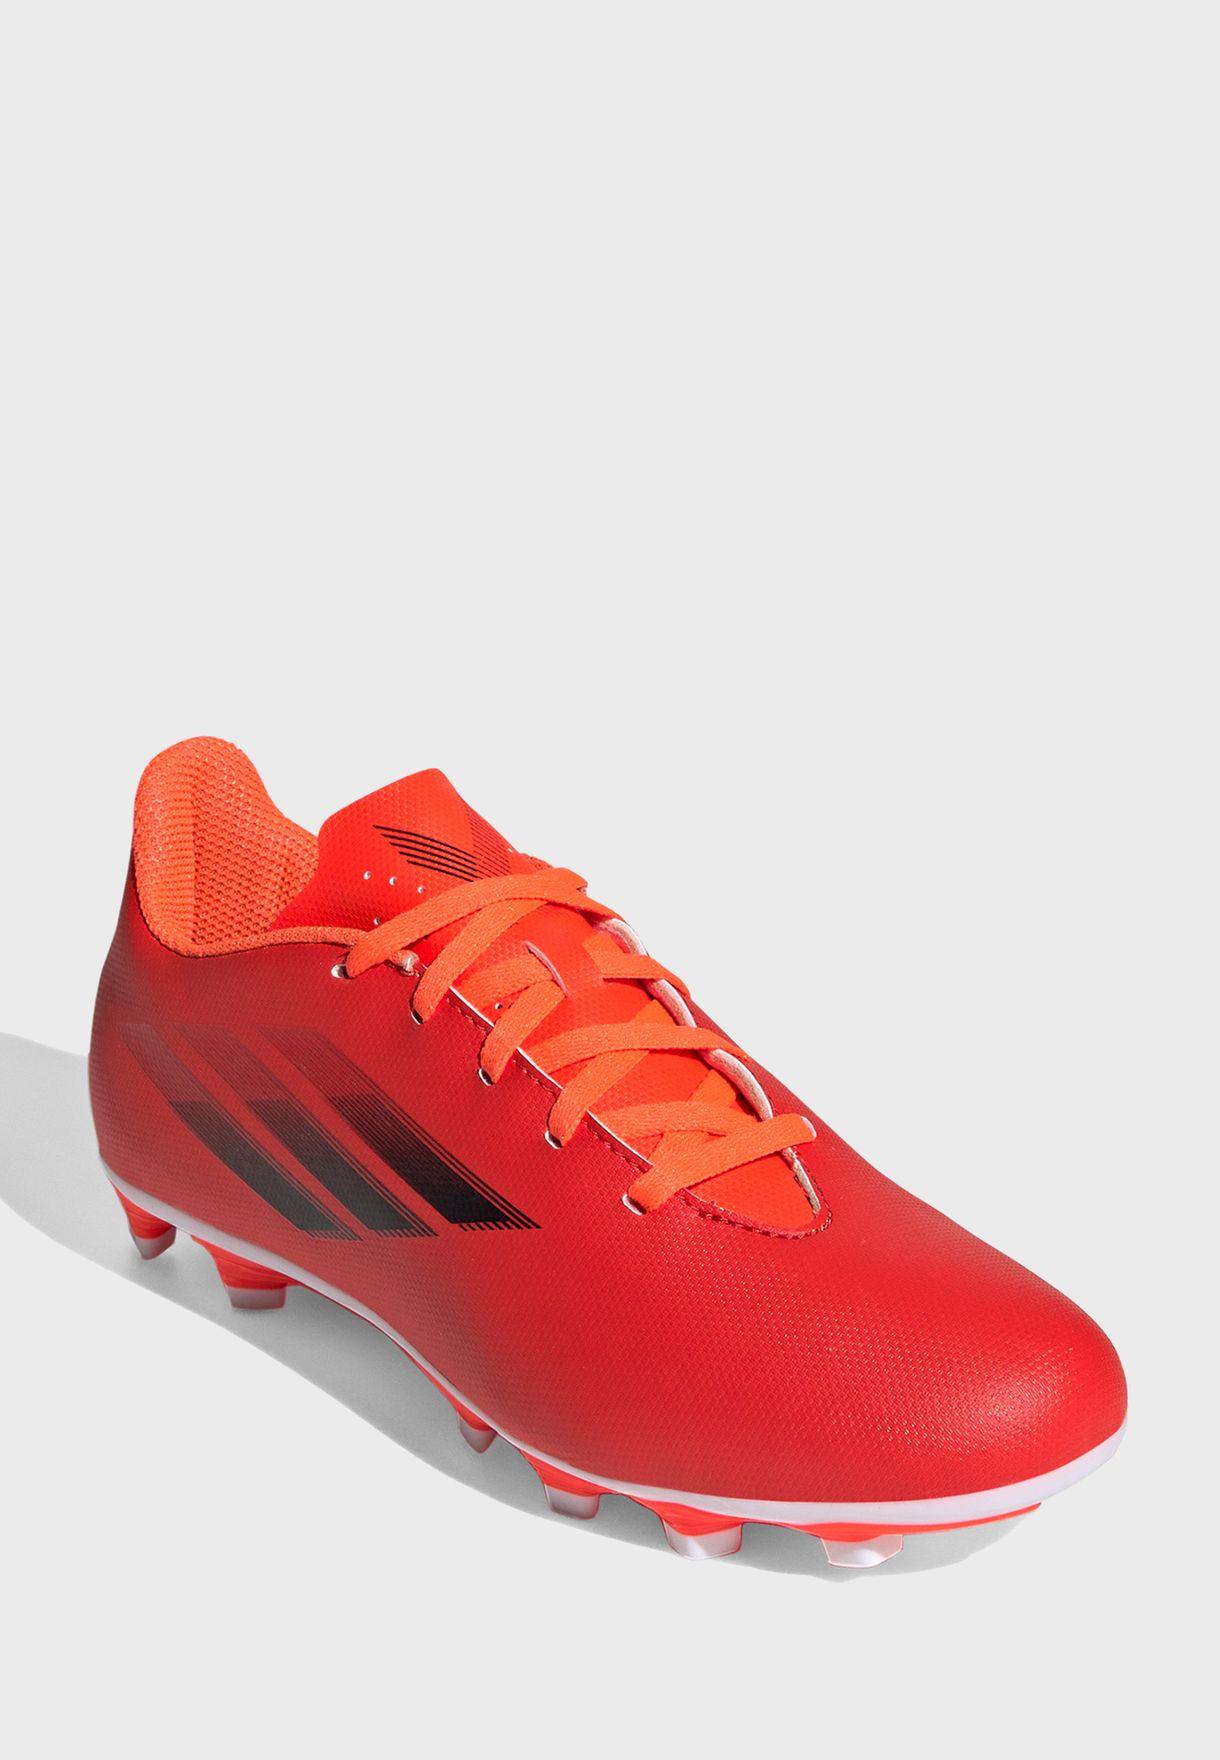 حذاء اكس سبيد فلو 4 فيرم غراوند